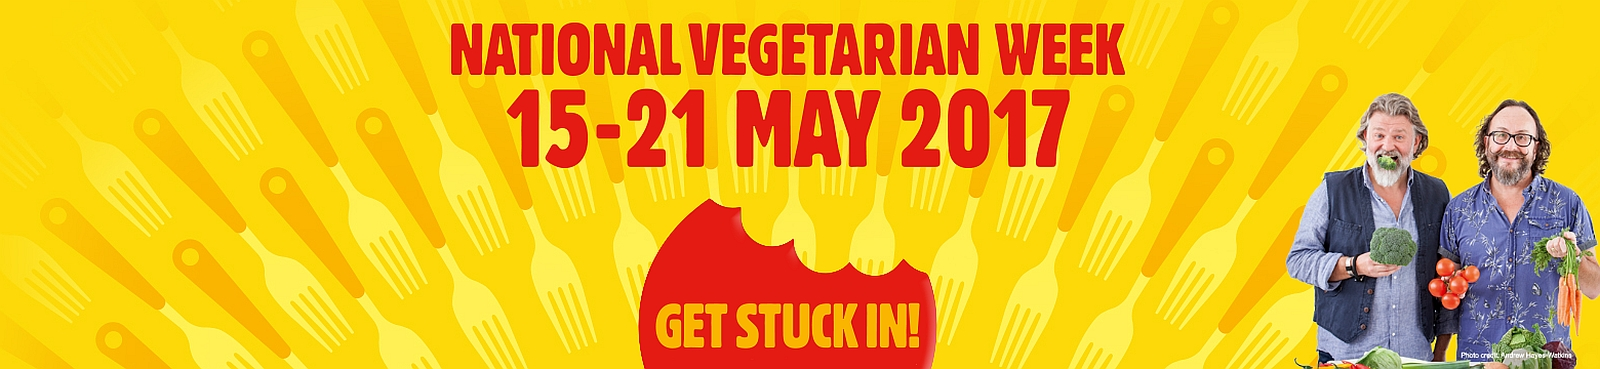 National Vegetarian Week